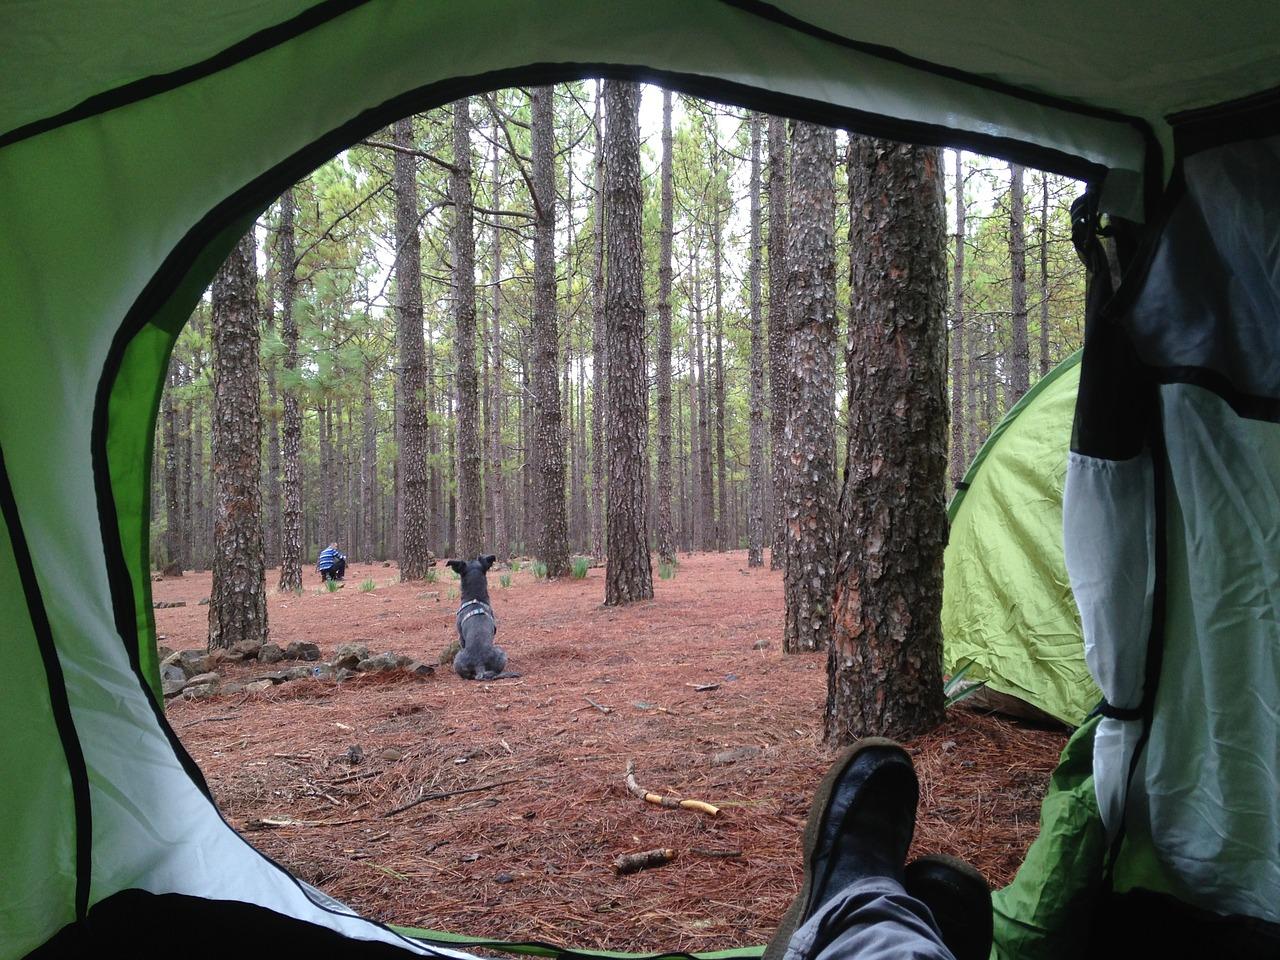 camping-1035272_1280